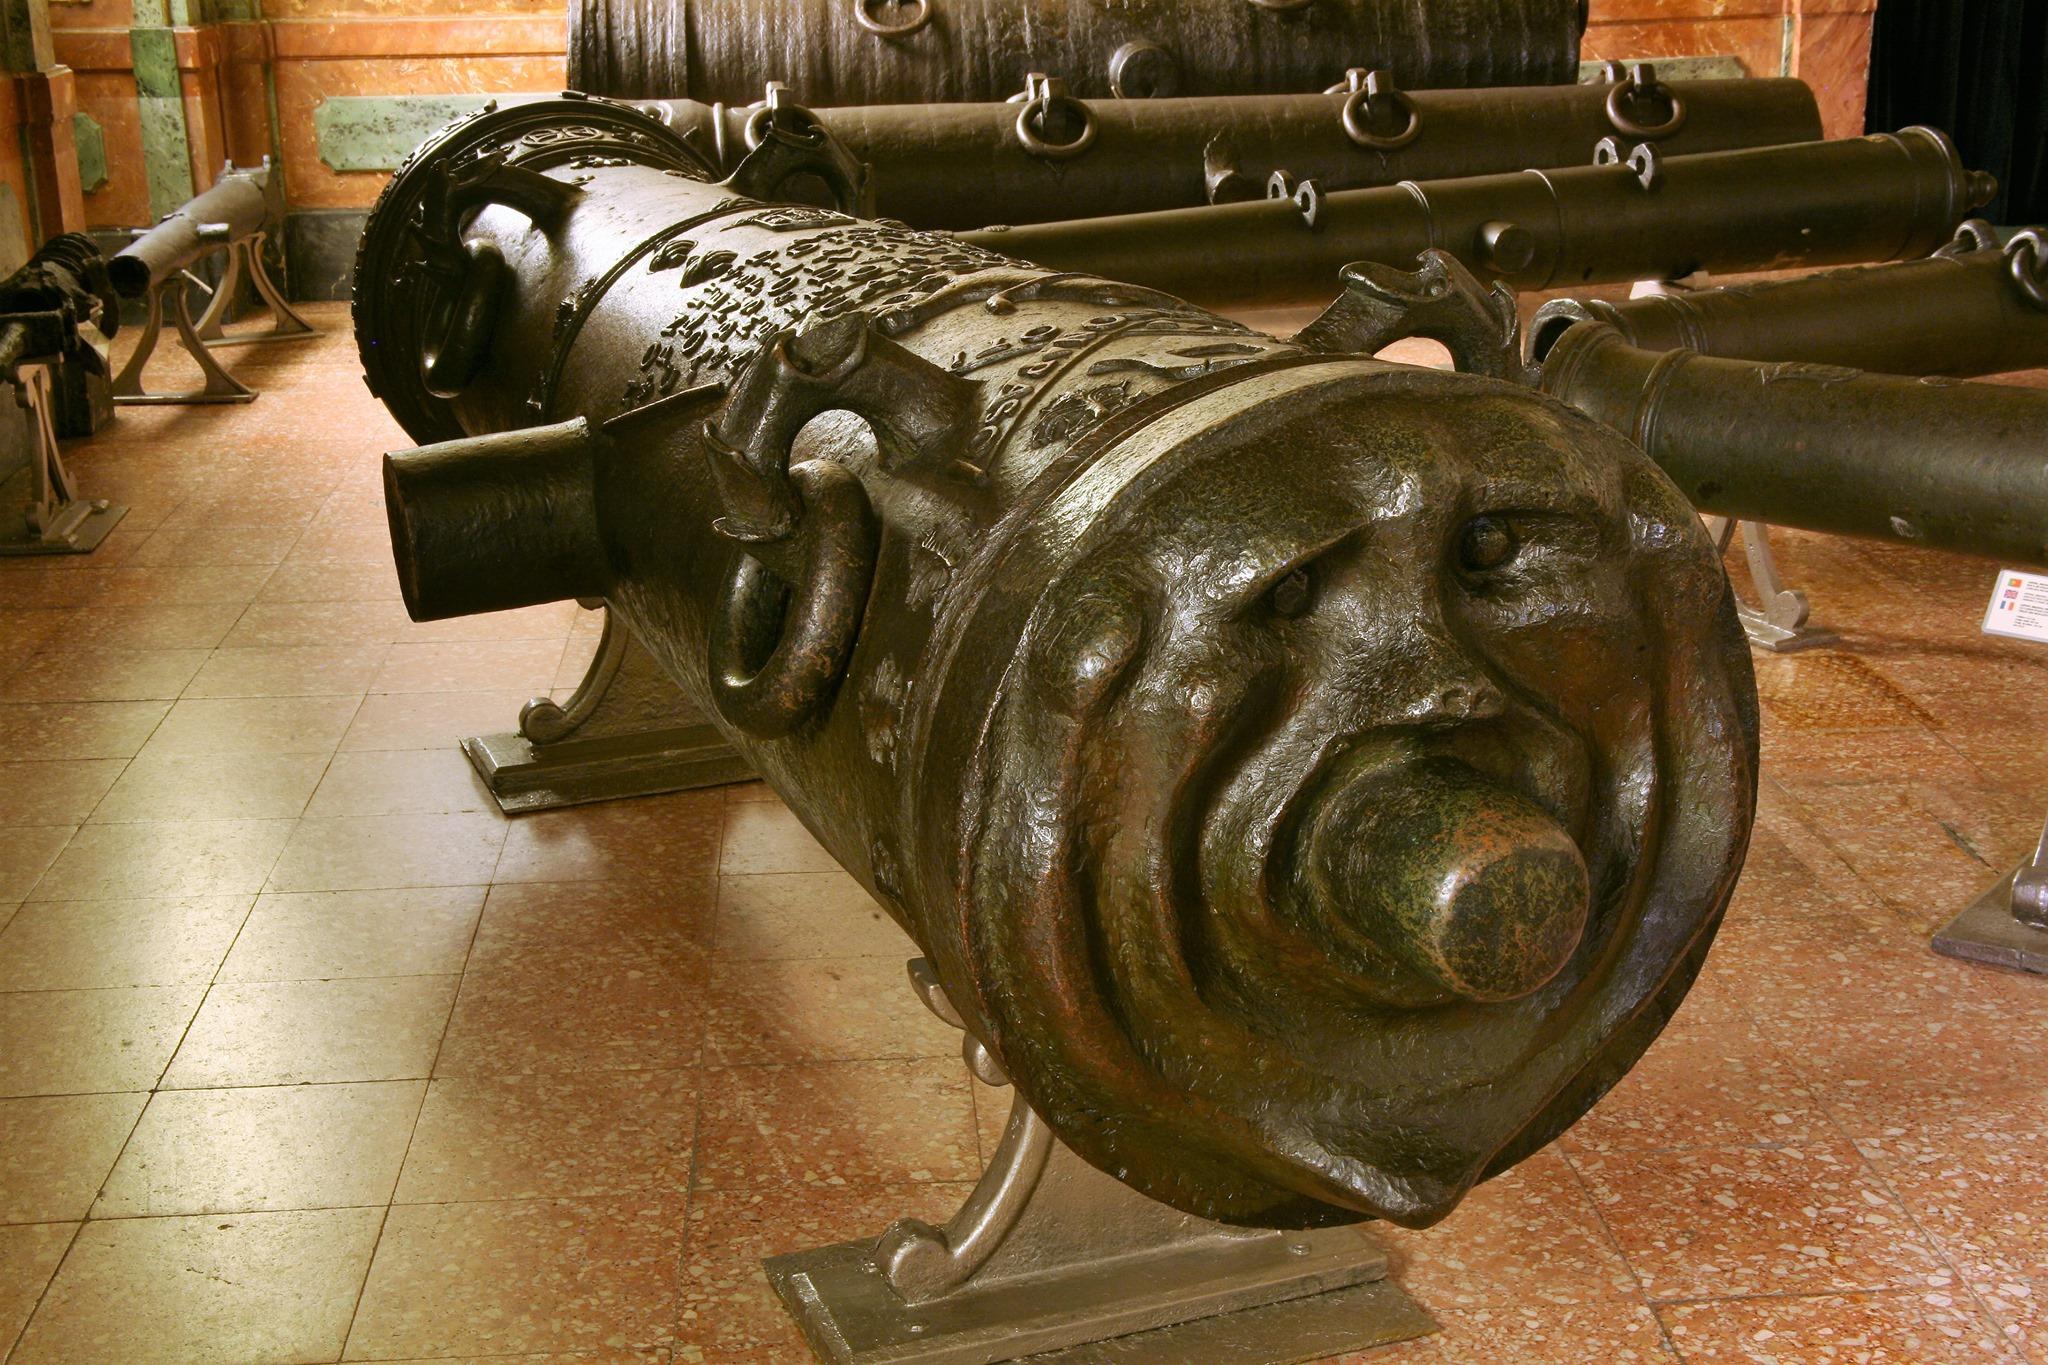 Museálogos – A Armaria representada nas coleções de arte | Visita guiada temática